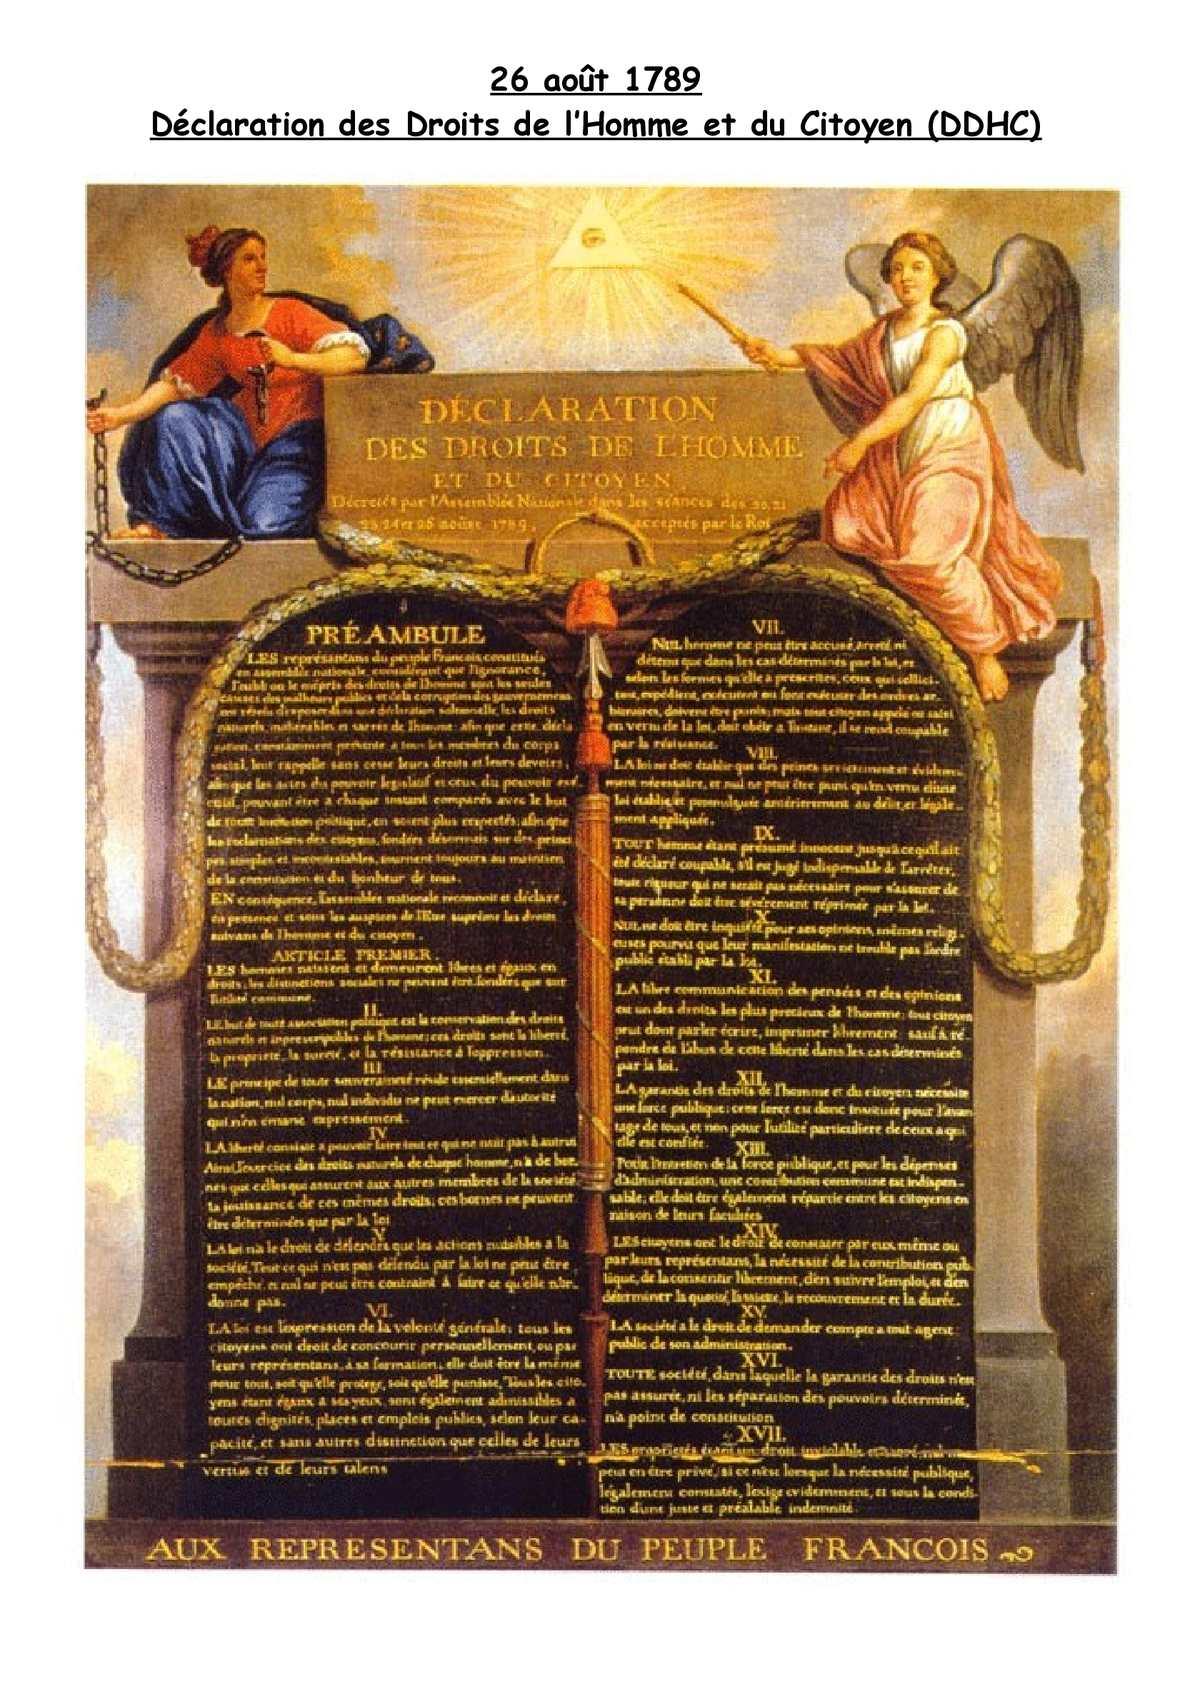 23 _ 26 Août 1789